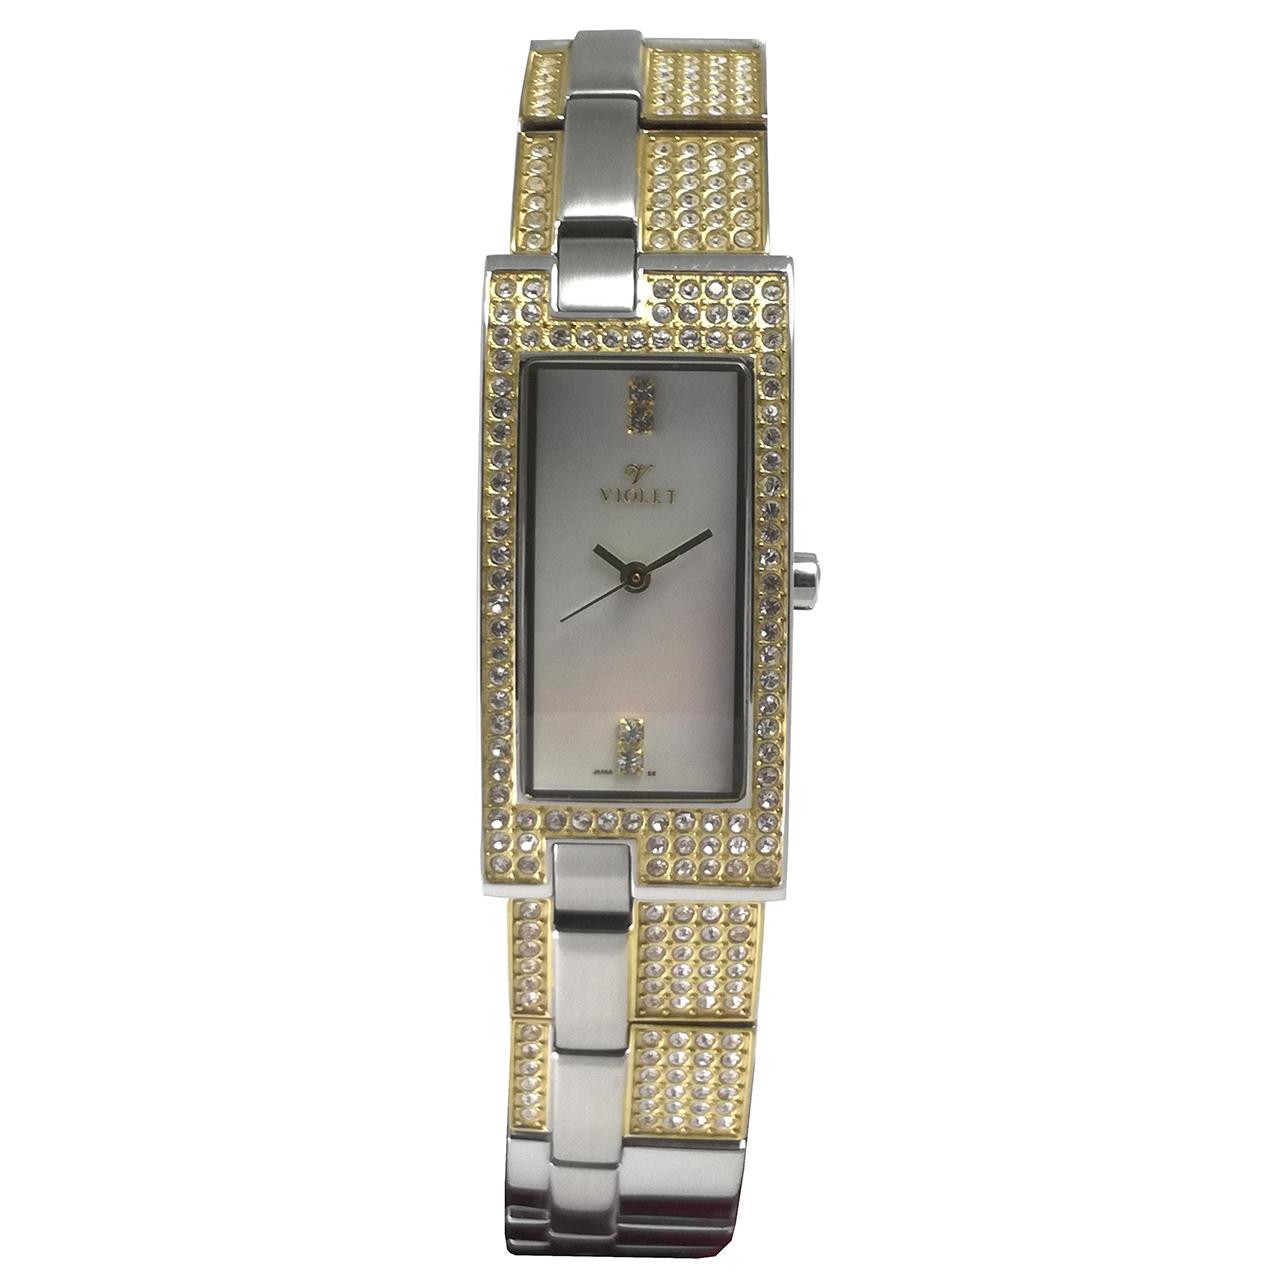 خرید ساعت مچی عقربه ای زنانه  ویولت مدل 0110L-2METAL